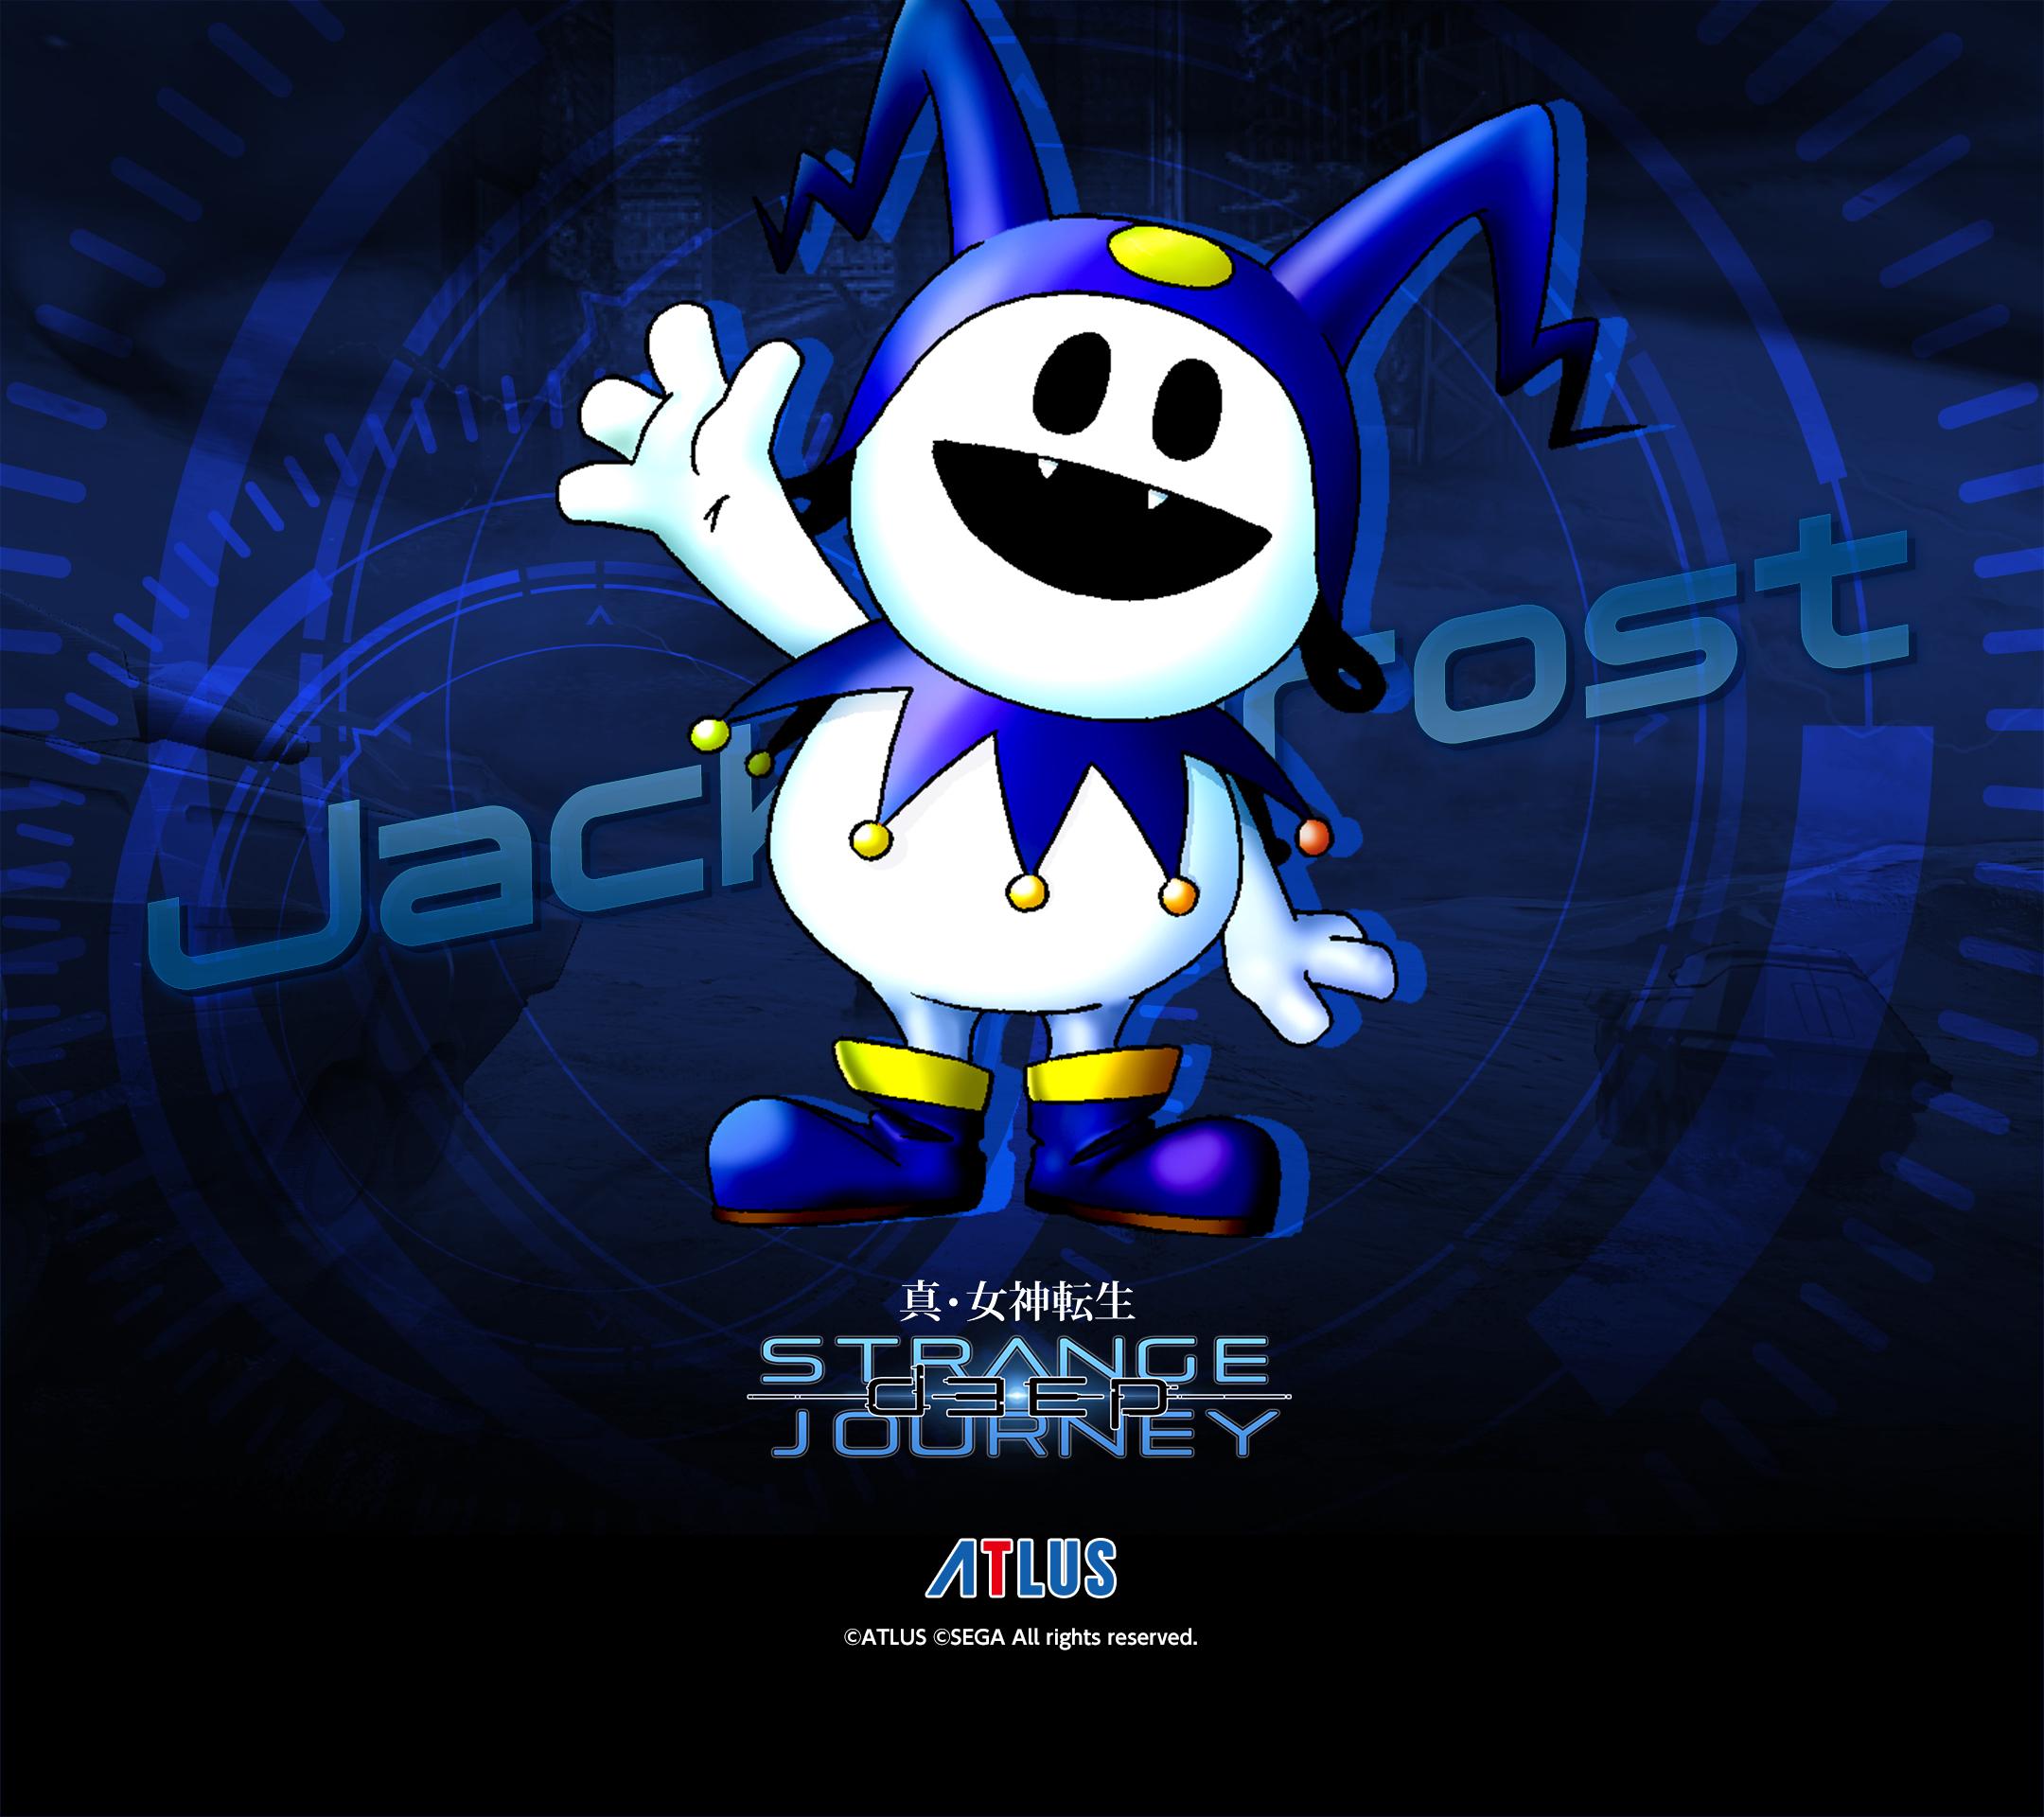 ジャック フロスト